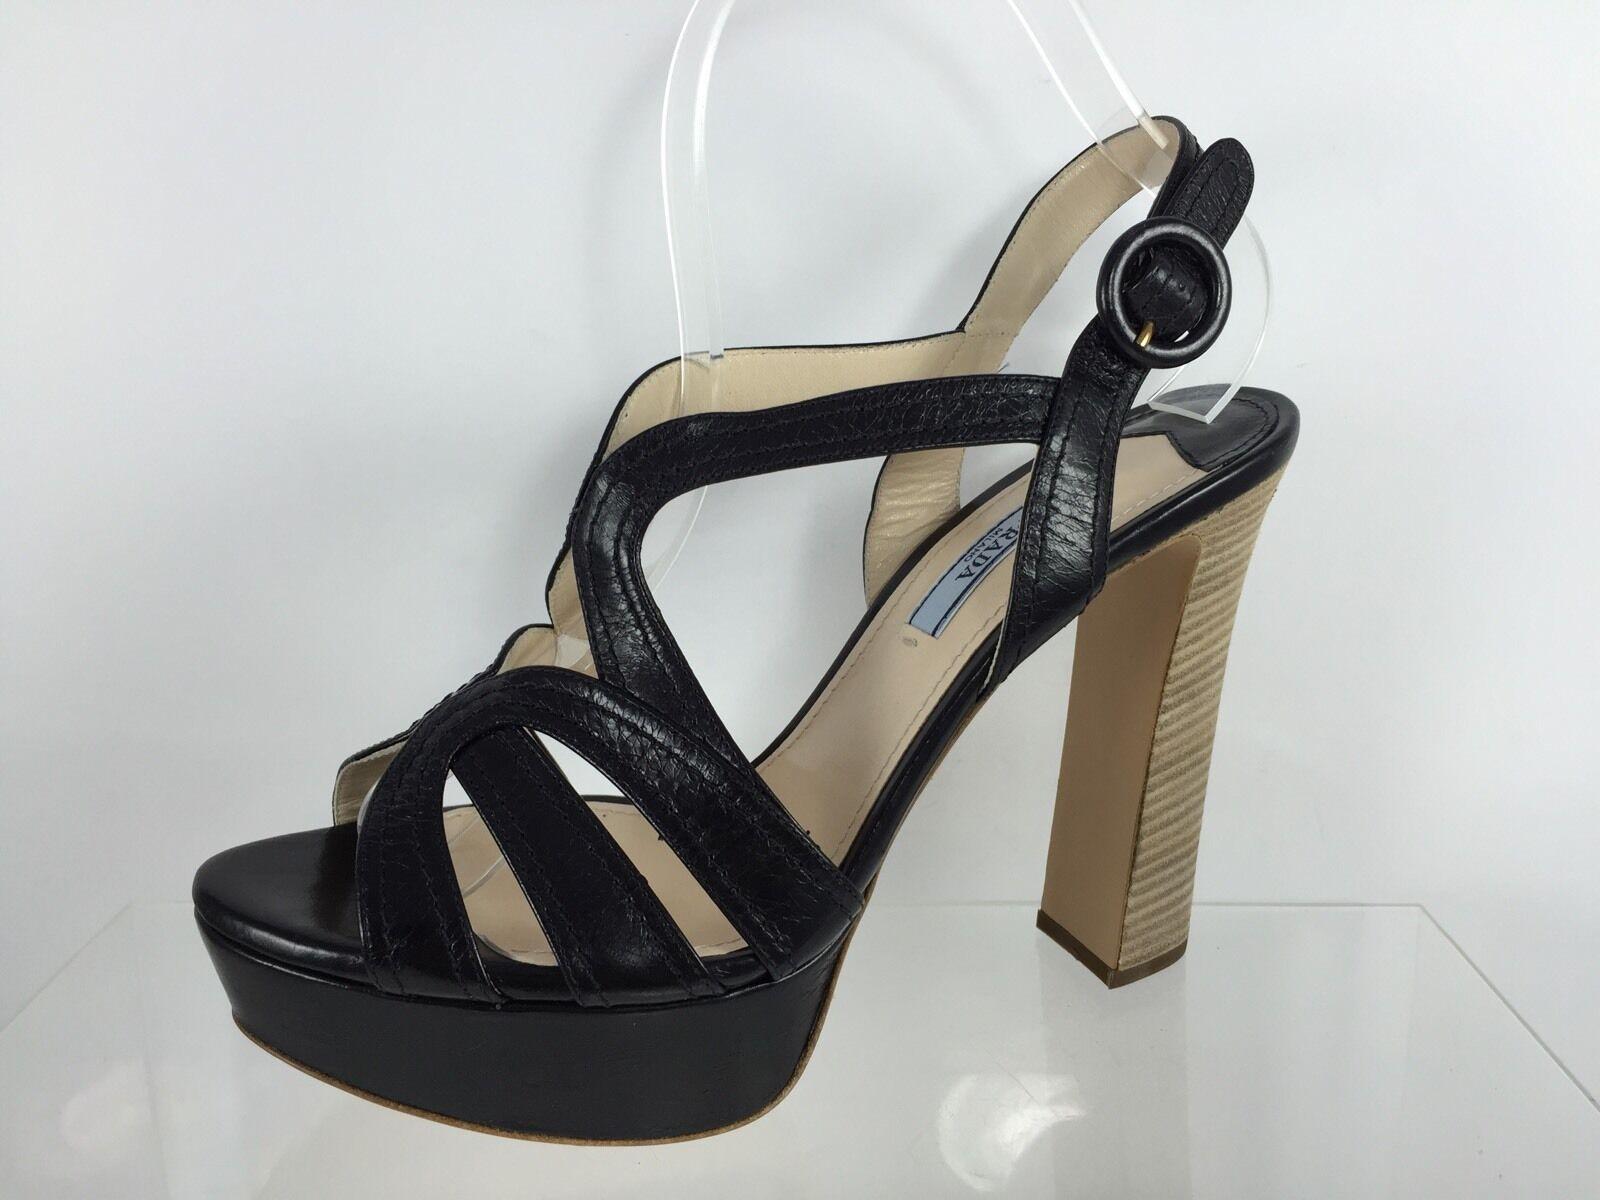 Prada Sandalias de cuero negro de mujer 38.5 38.5 38.5  lo último